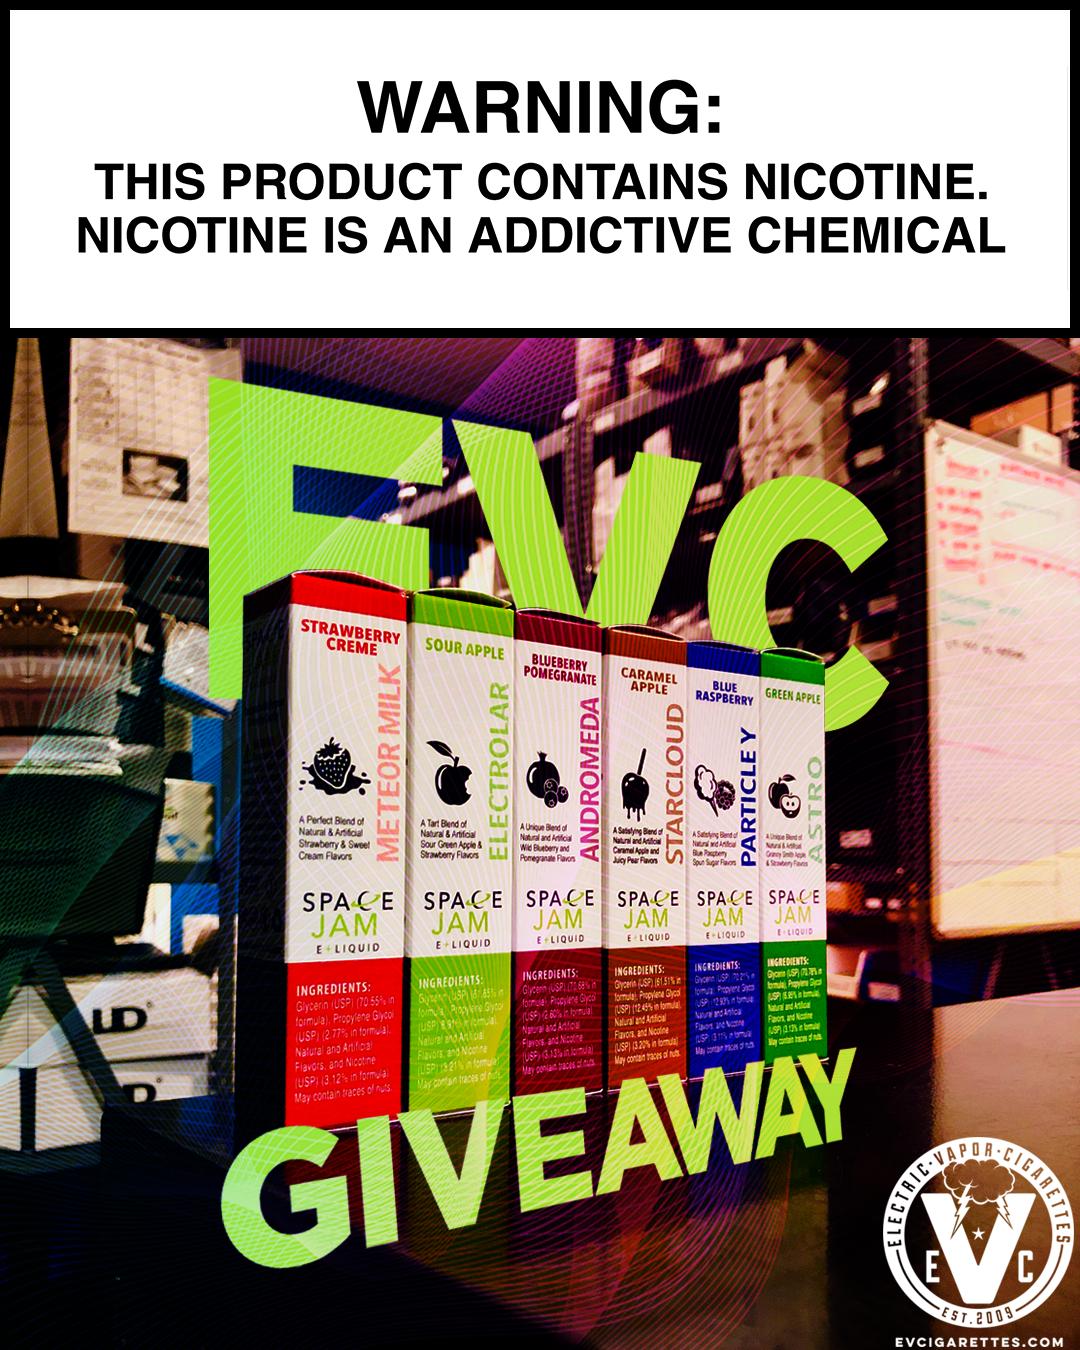 Space Jam Juice Giveaway! - EVcigarettes com